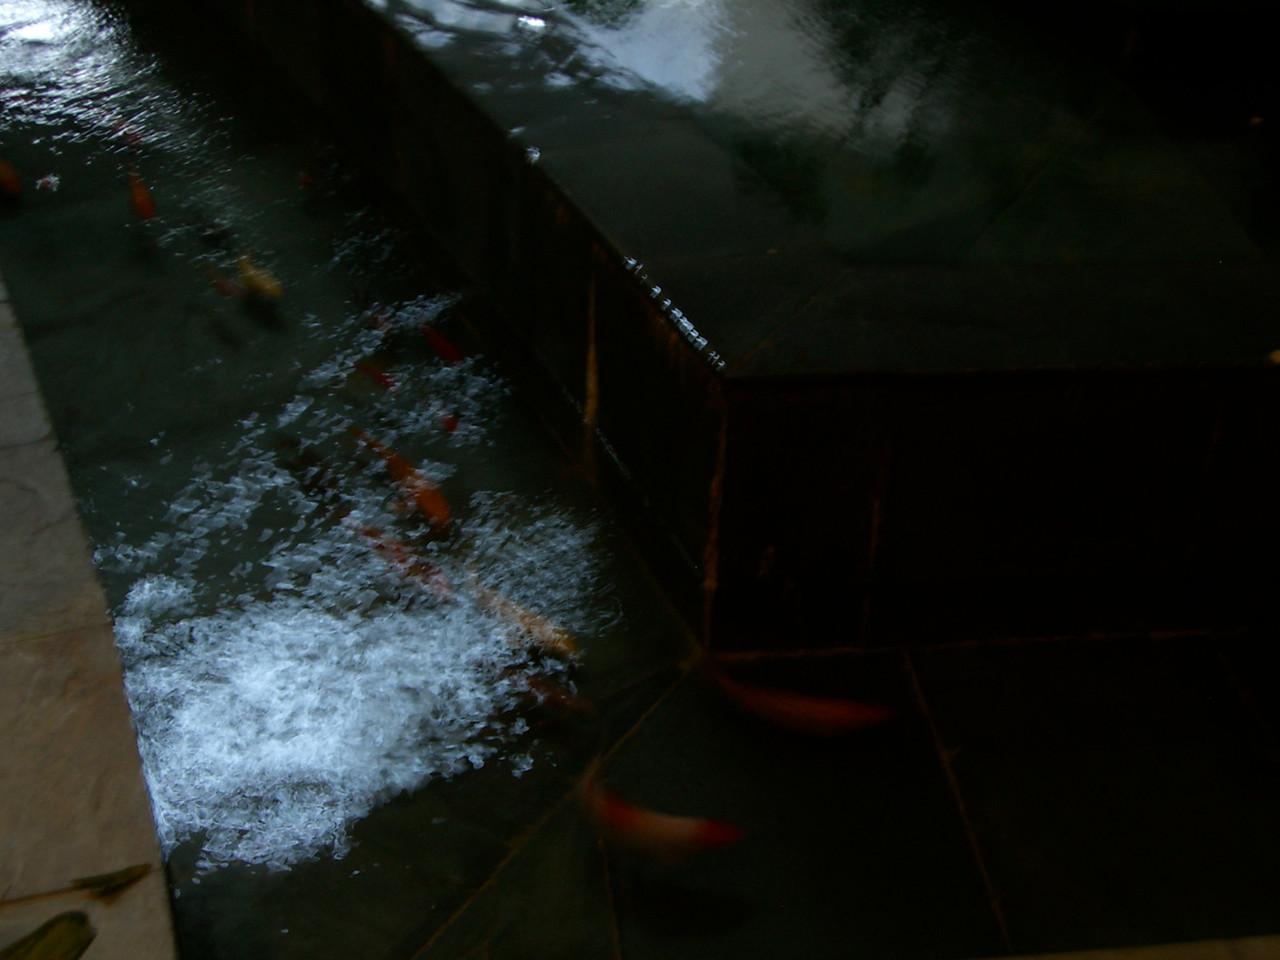 2006 07 15 Sat - Yong Jiang Hotel fountain fishies